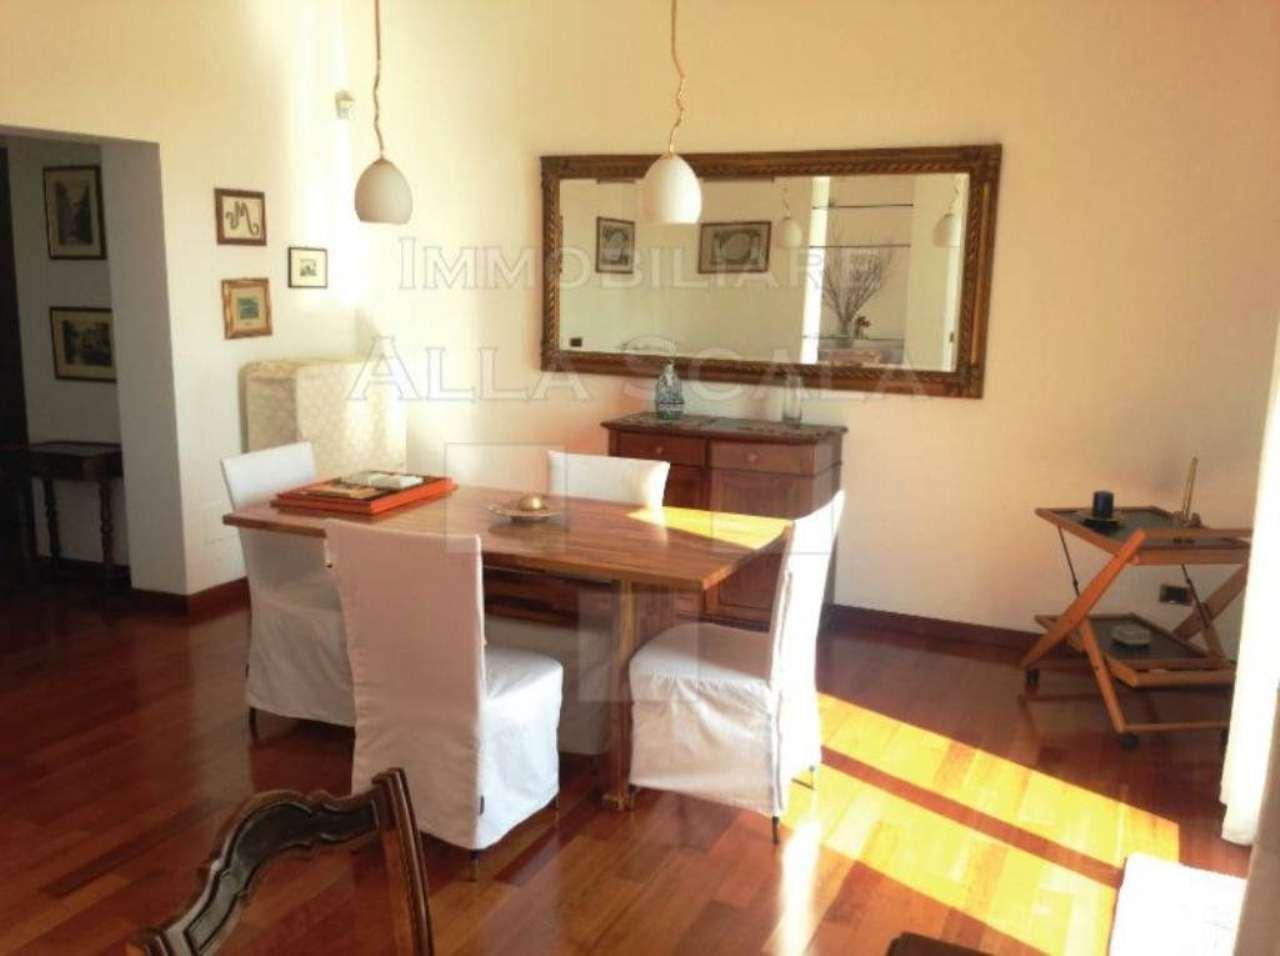 Appartamento in affitto a milano via quadronno trovocasa for Appartamento design affitto milano